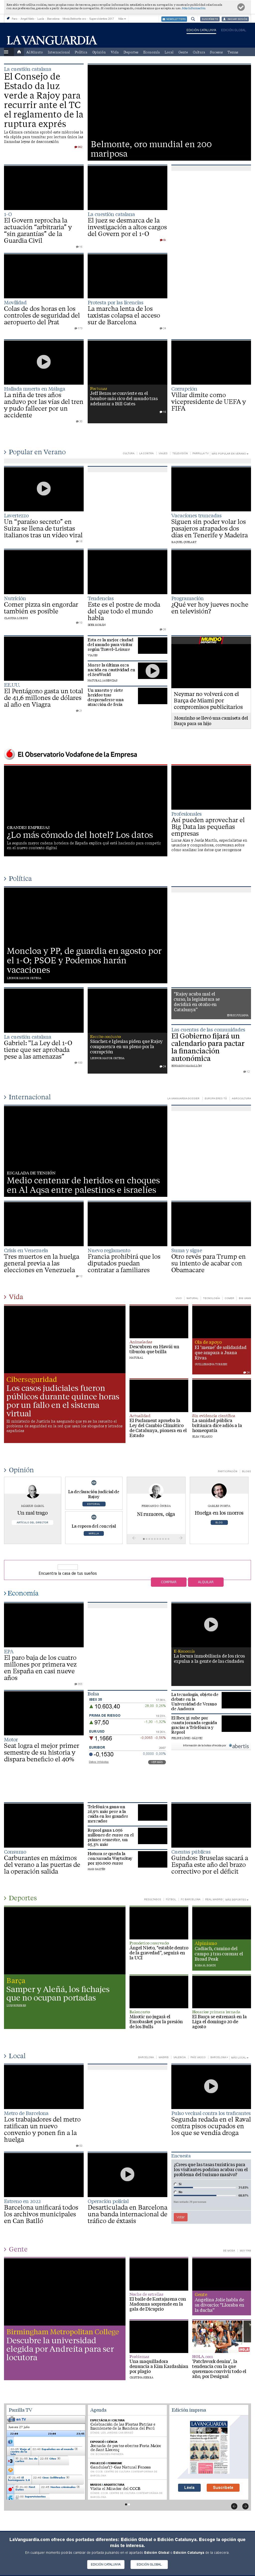 La Vanguardia at Thursday July 27, 2017, 5:27 p.m. UTC